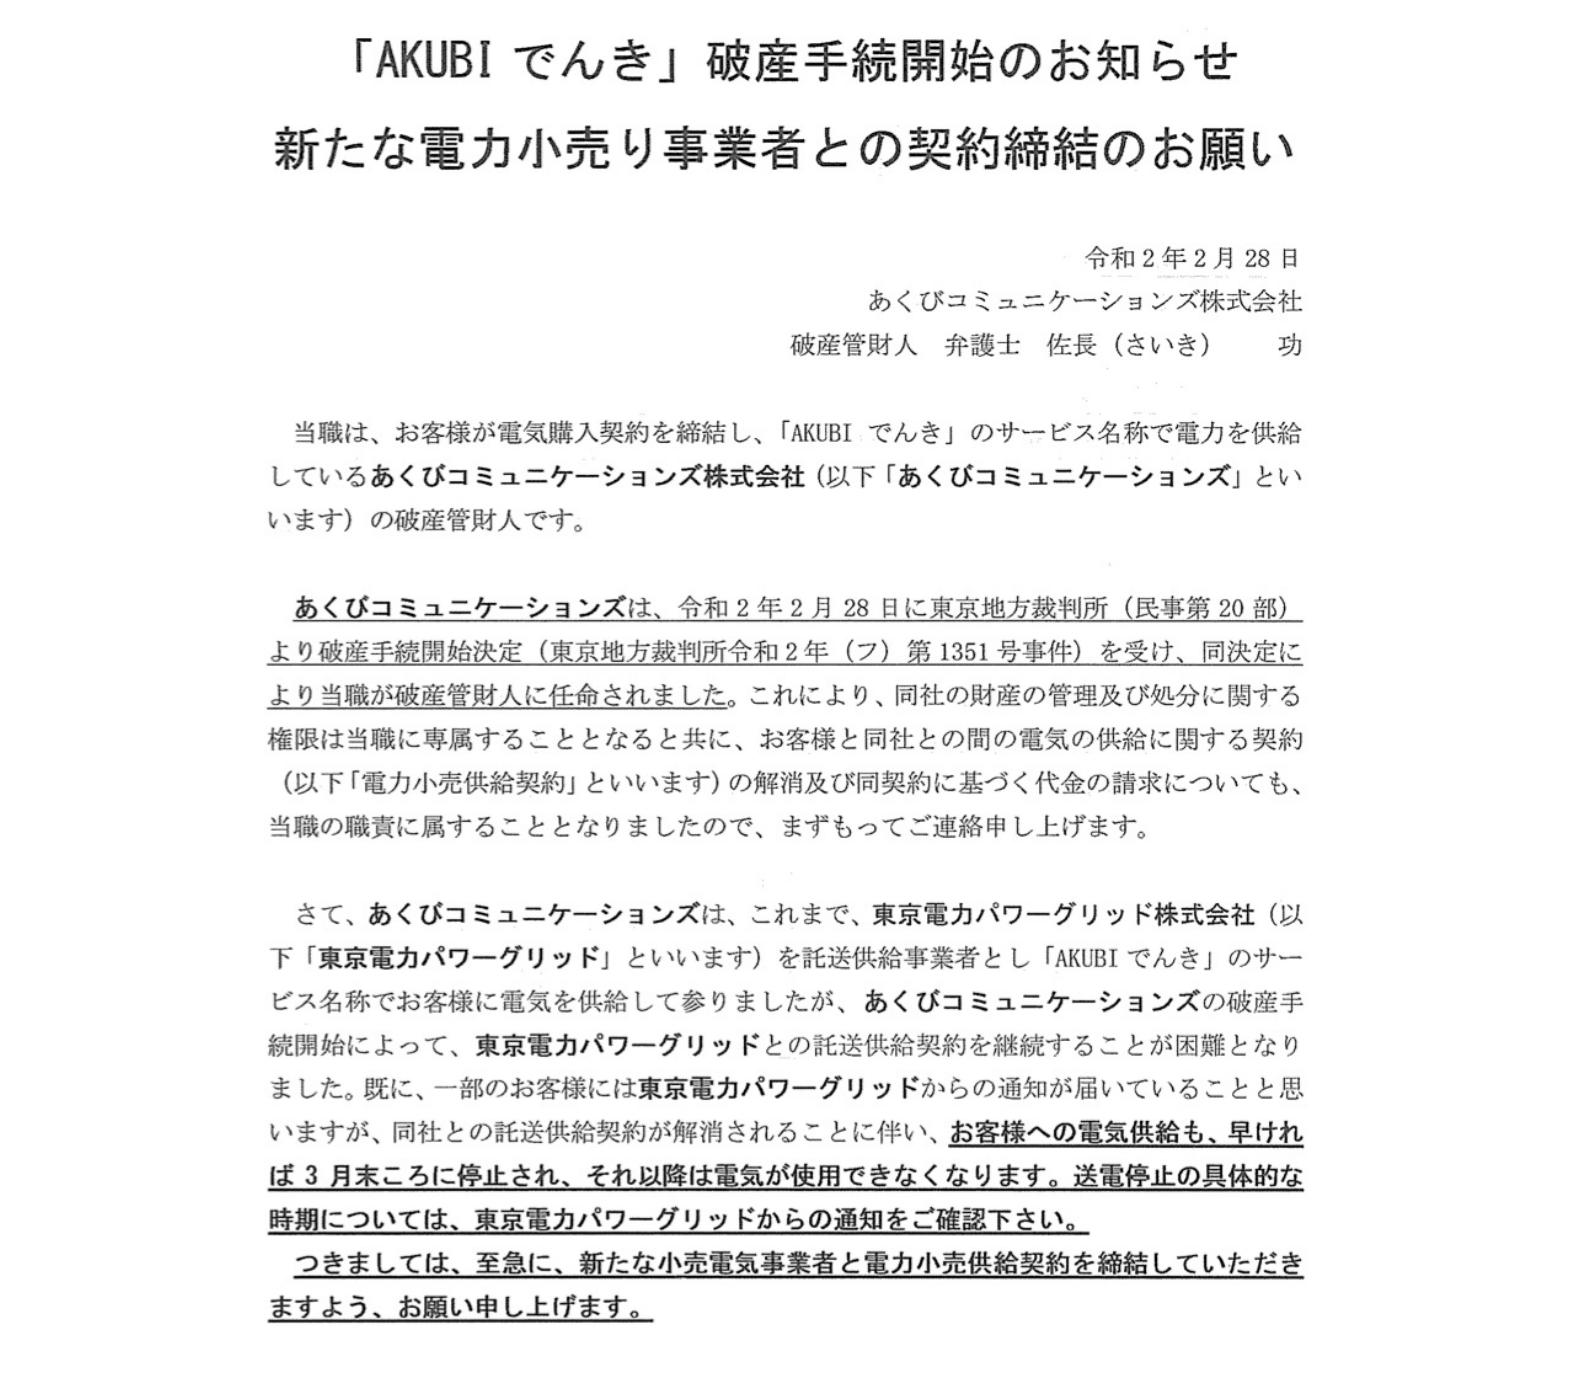 会社 株式 あくび コミュニケーションズ